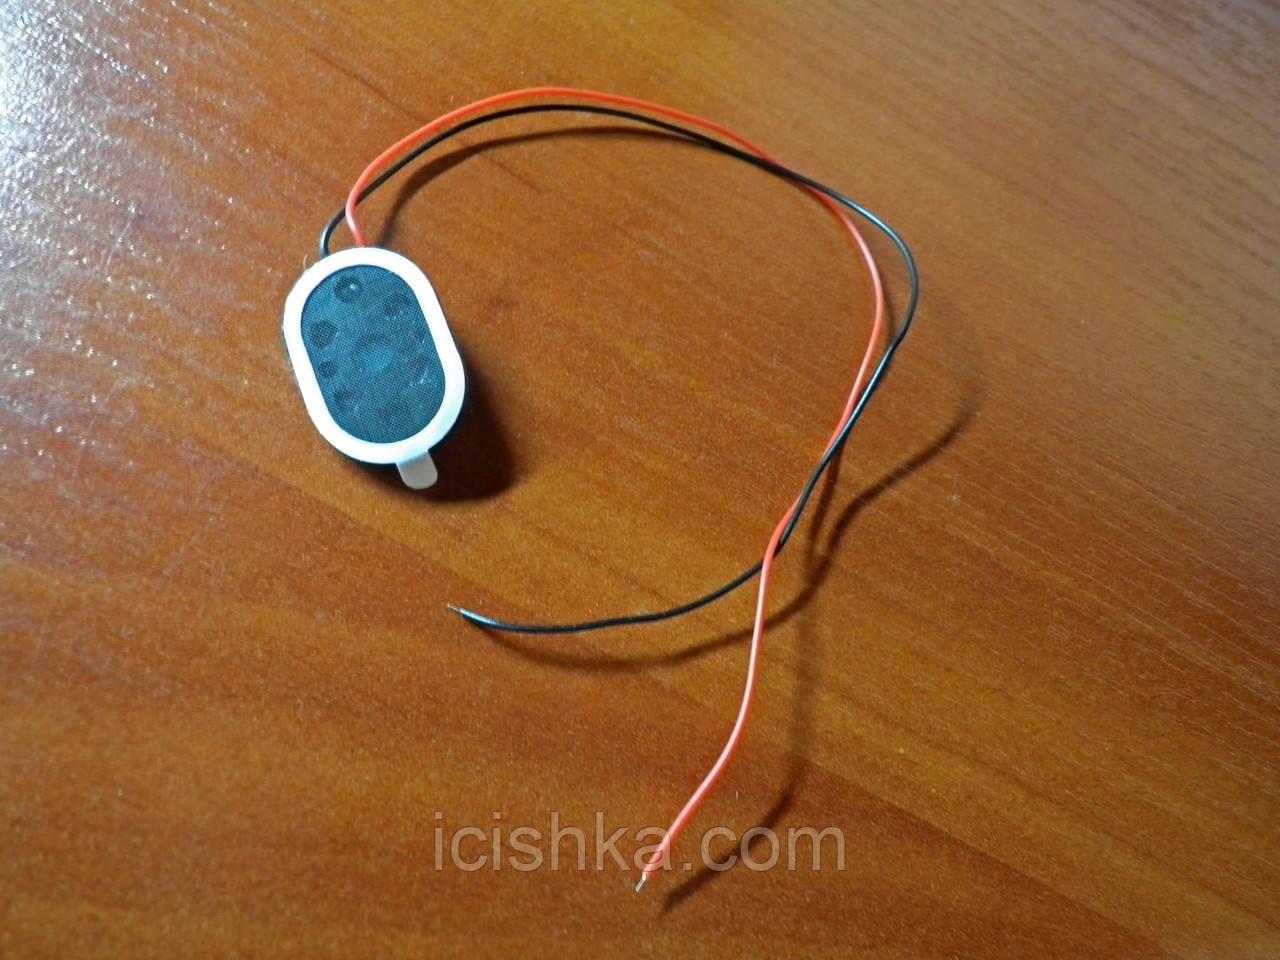 Динамик 8Ohm 1W 14x20mm - универсальный, для телефонов и планшетов